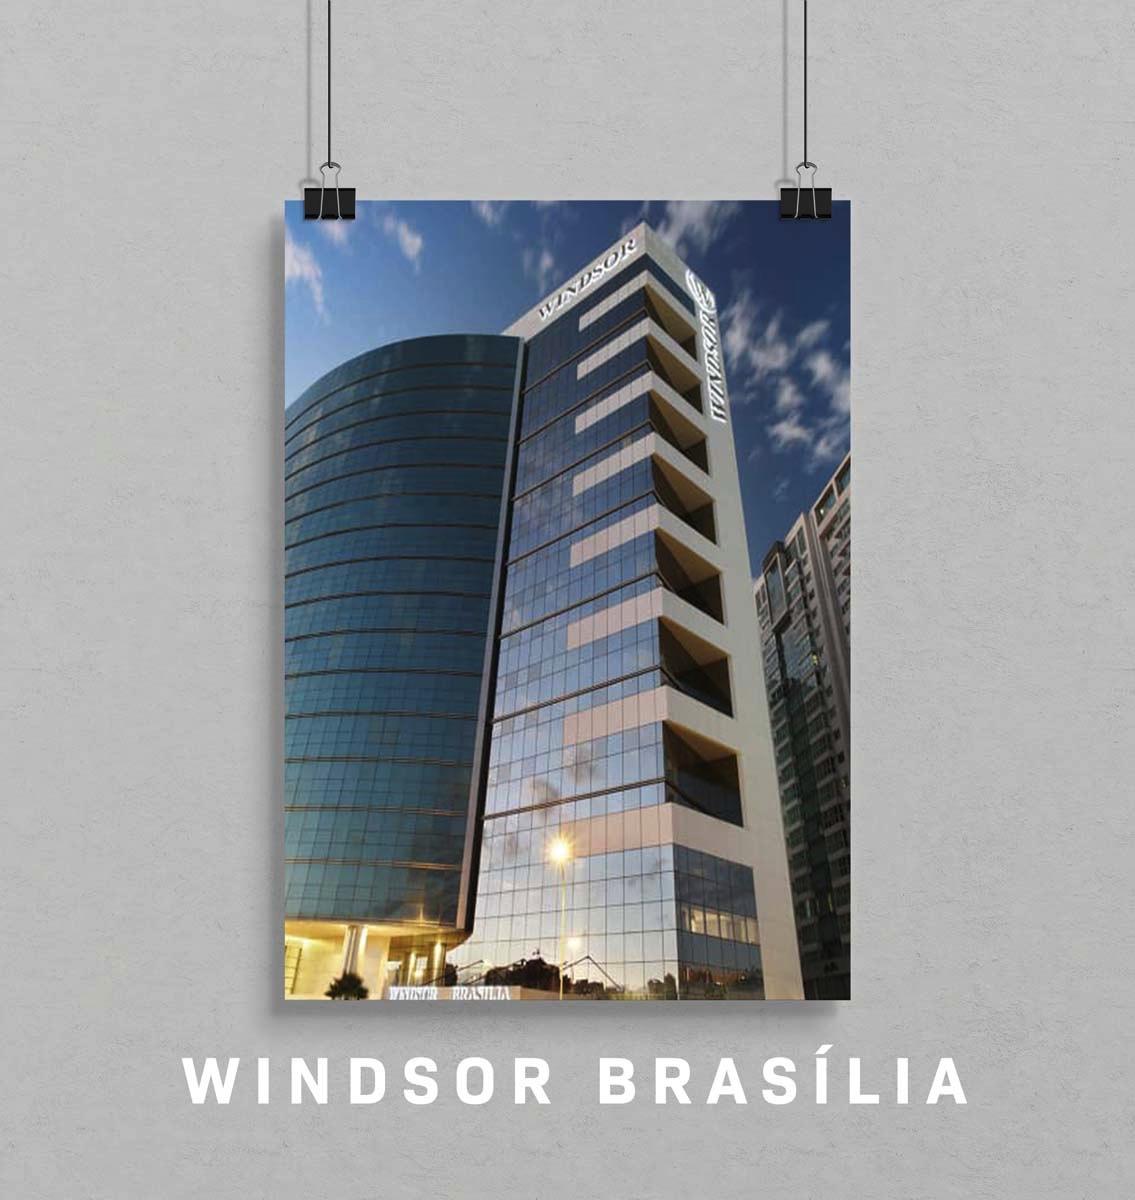 Windsor Brasília